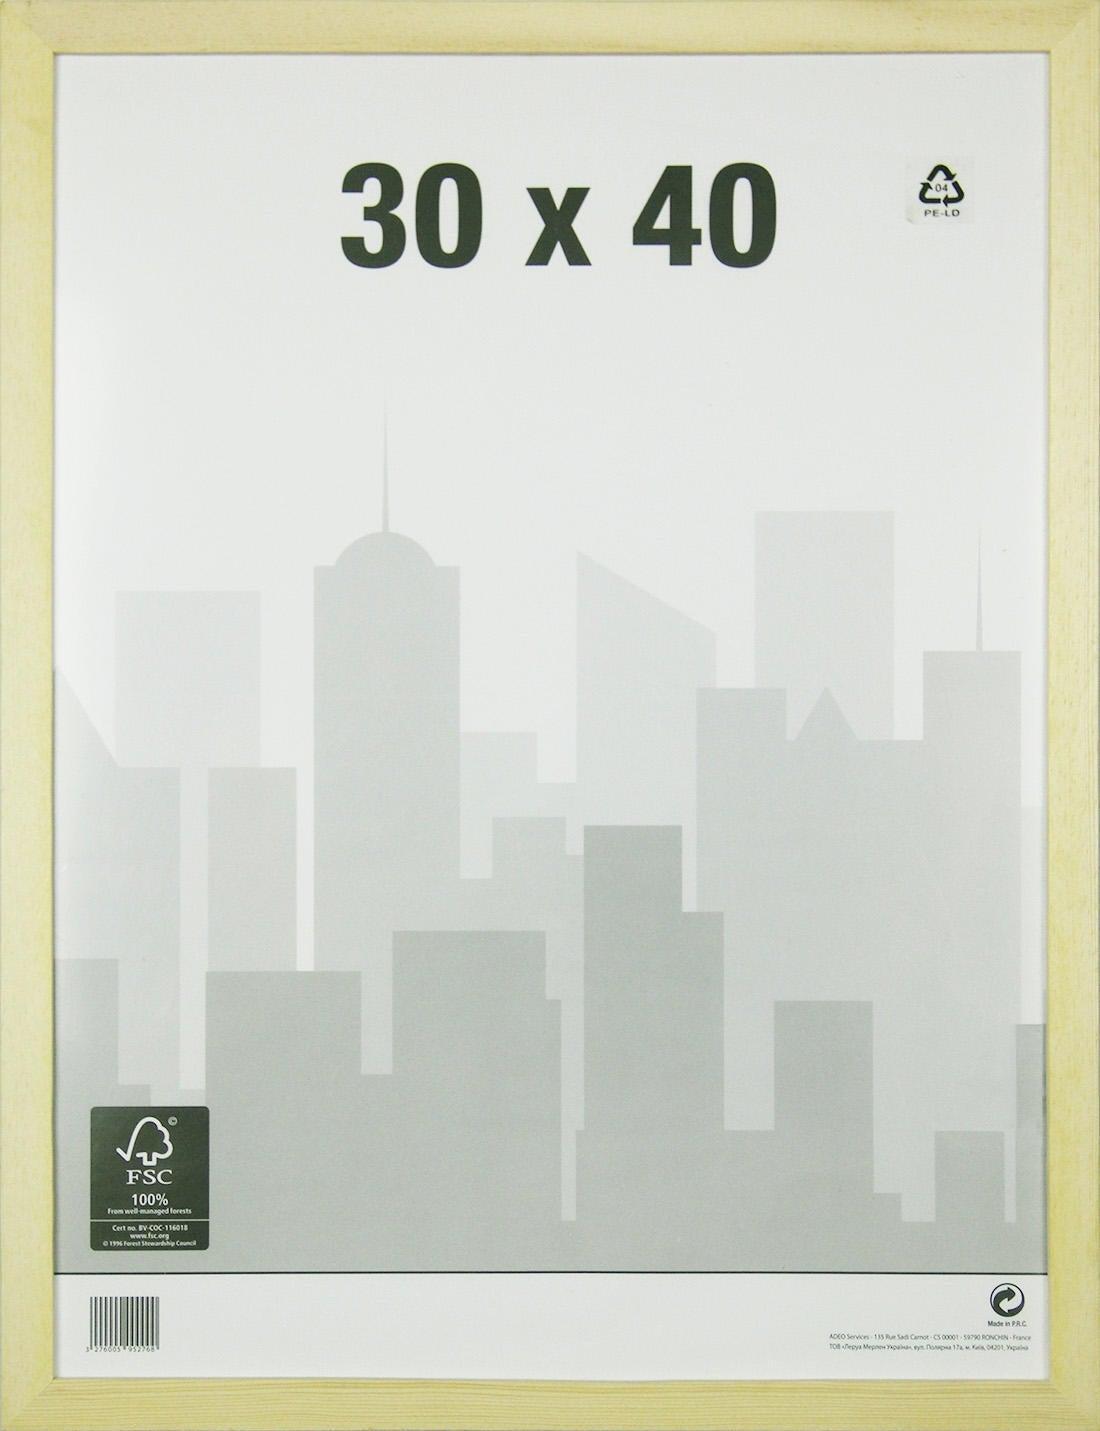 Cornice Natural wood naturale per foto da 30x40 cm - 5